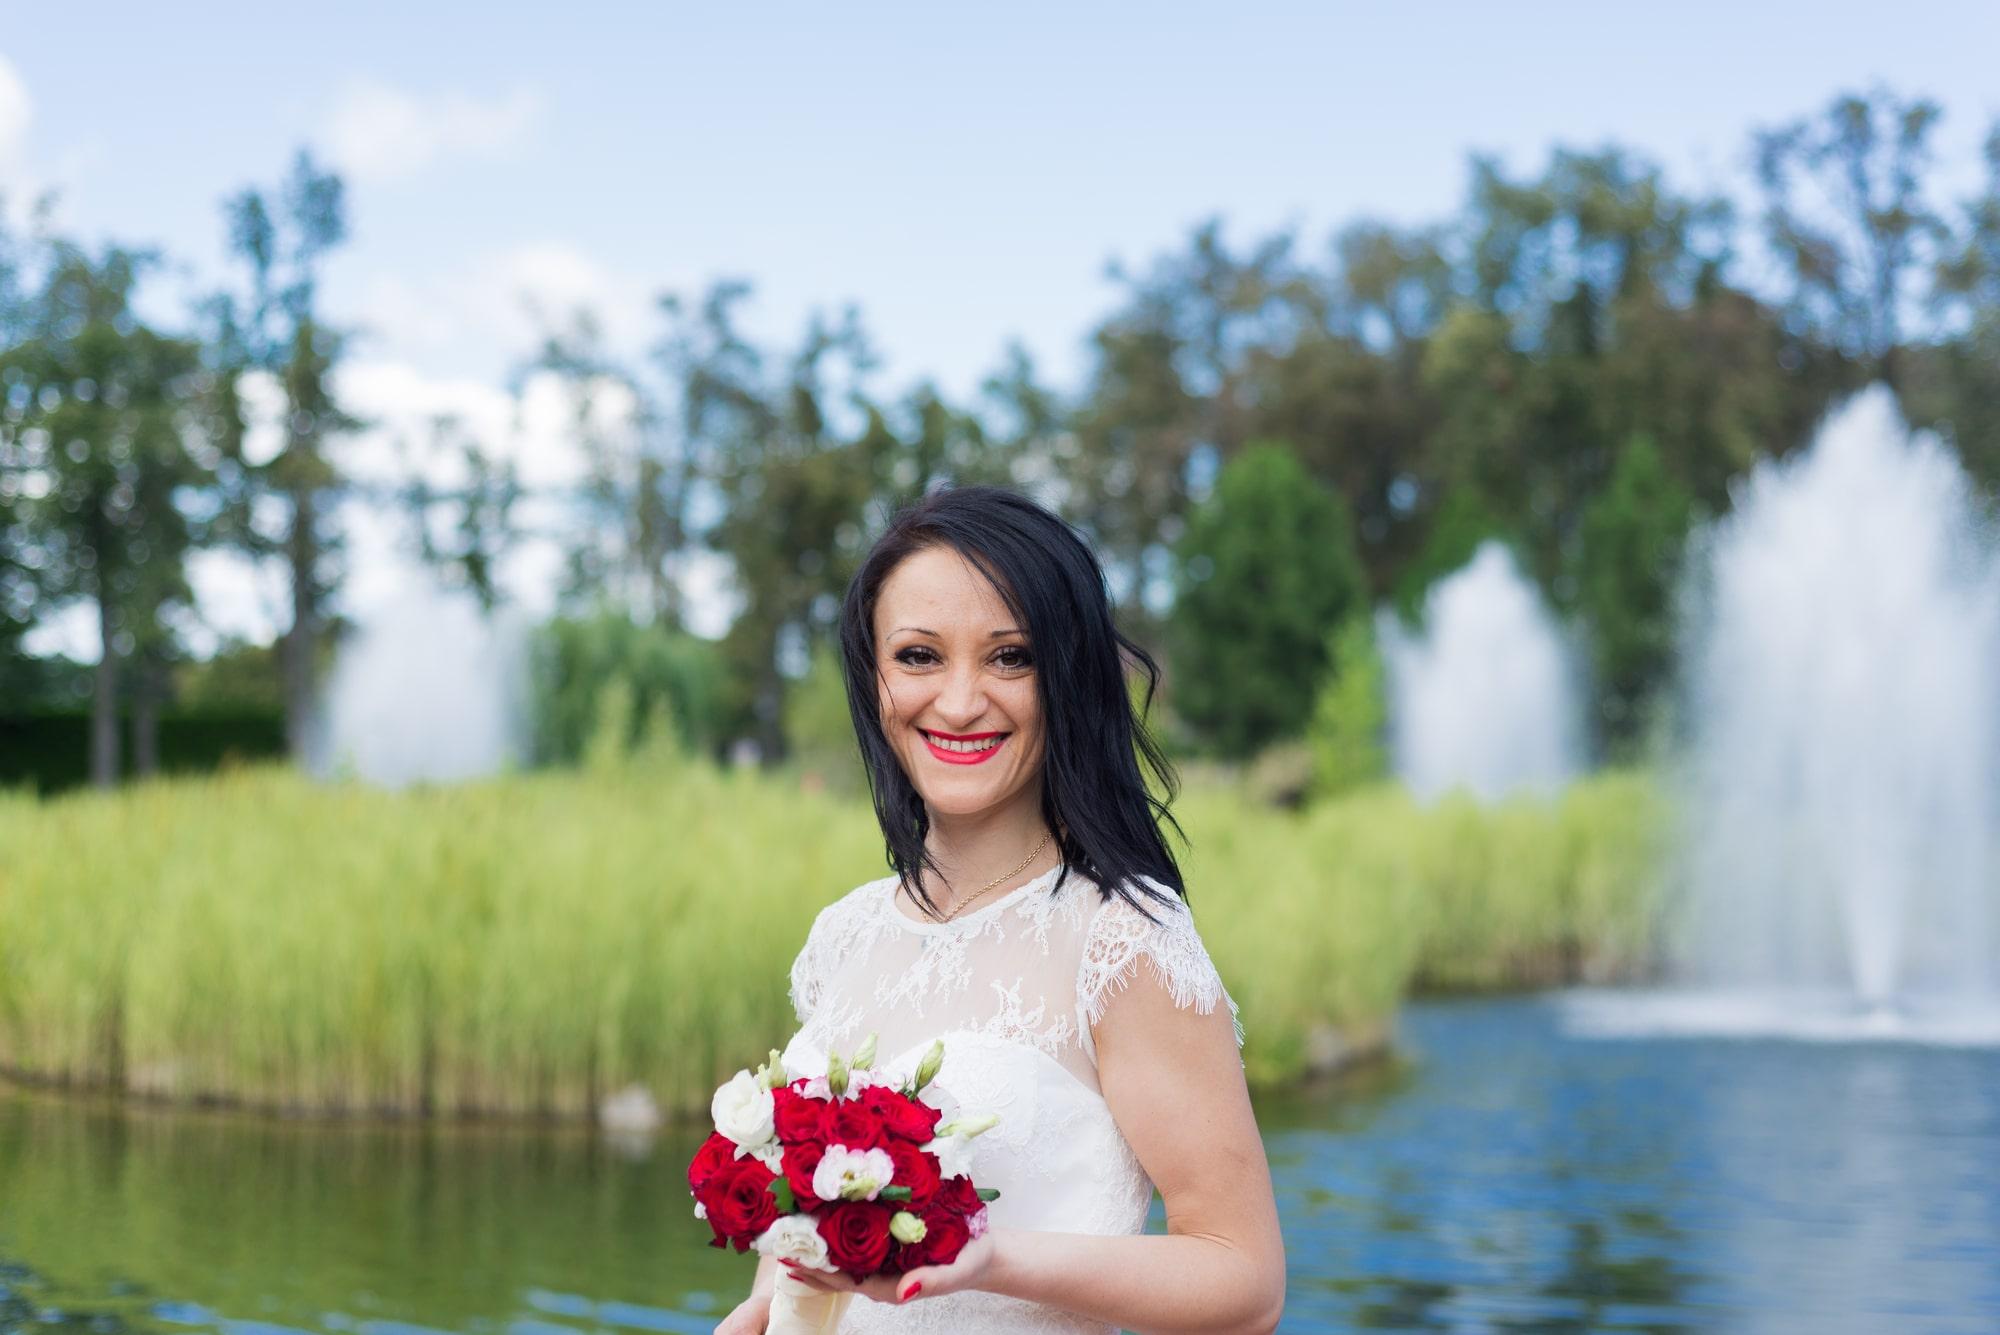 Свадебная фотосъемка в августе - невеста улыбается